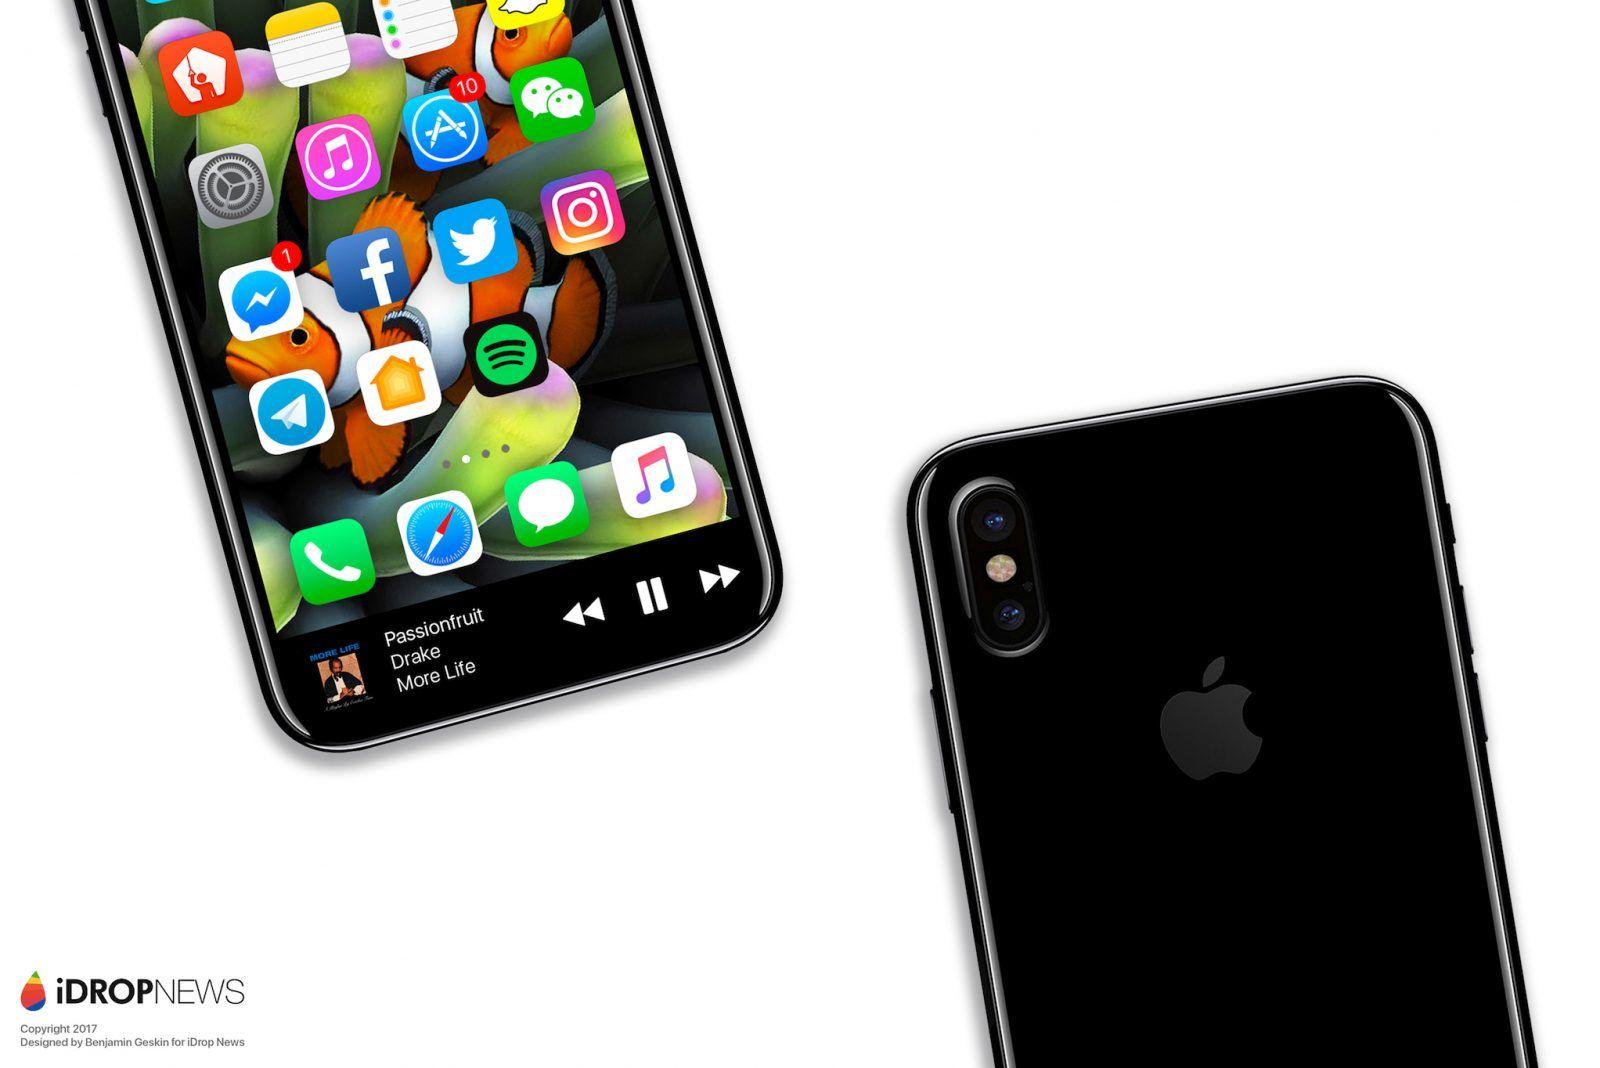 Kolejne przewidywania dotyczące iPhone'a 8